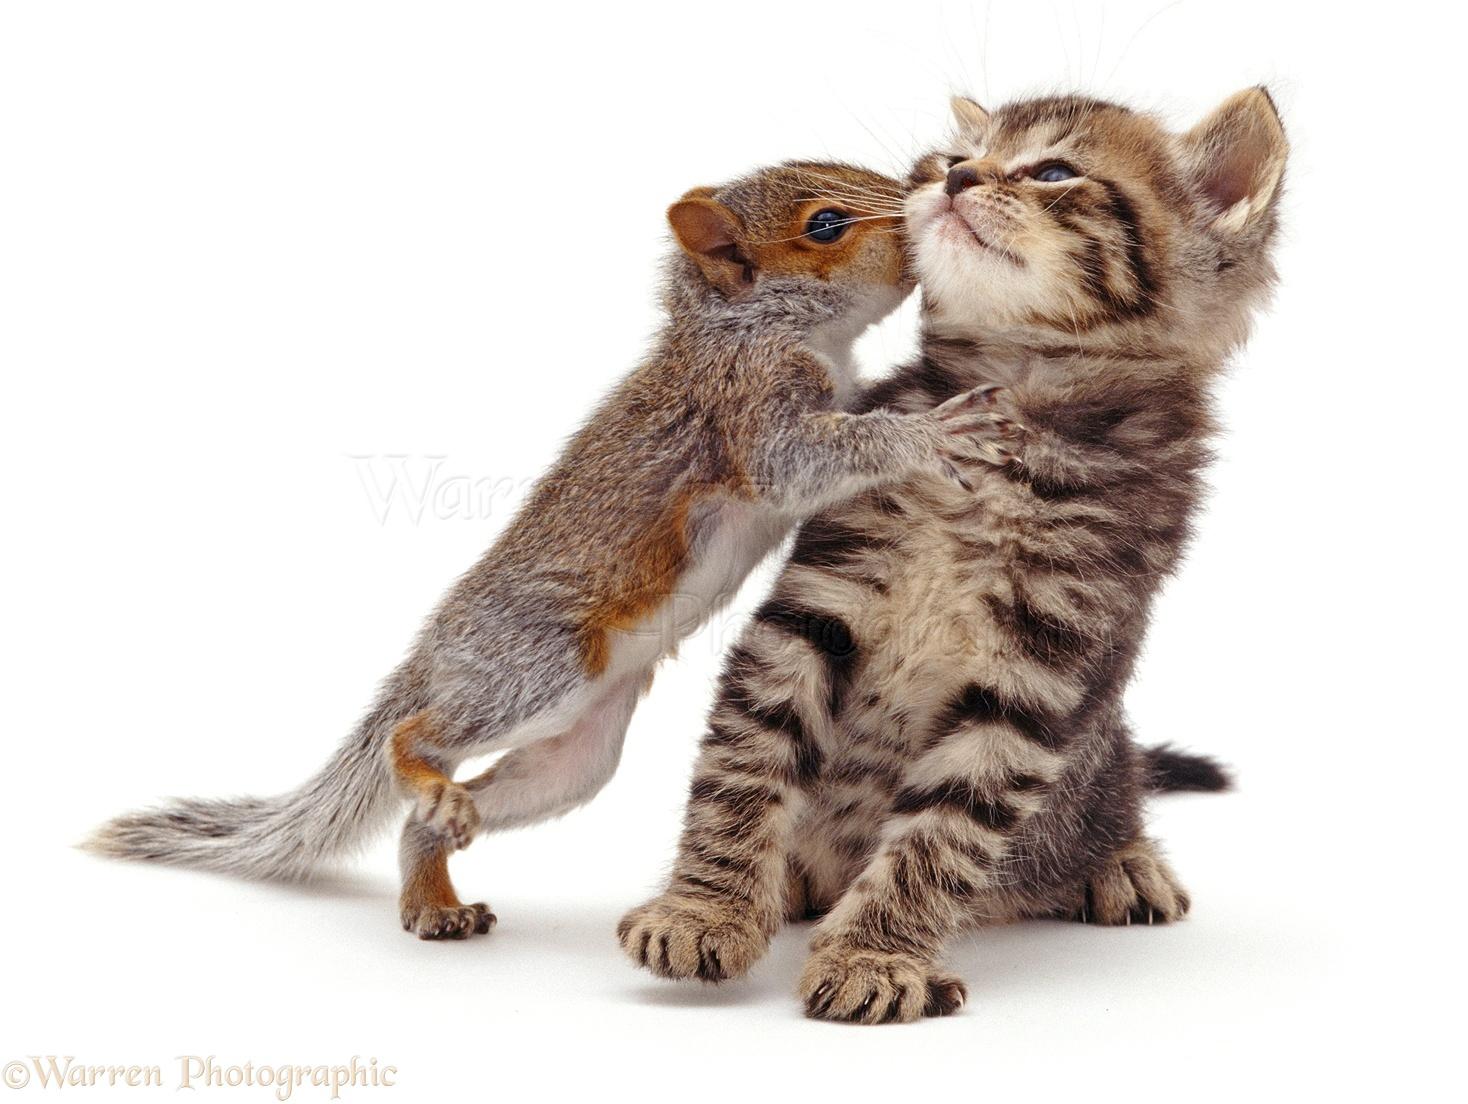 Cute squirrels in love - photo#26